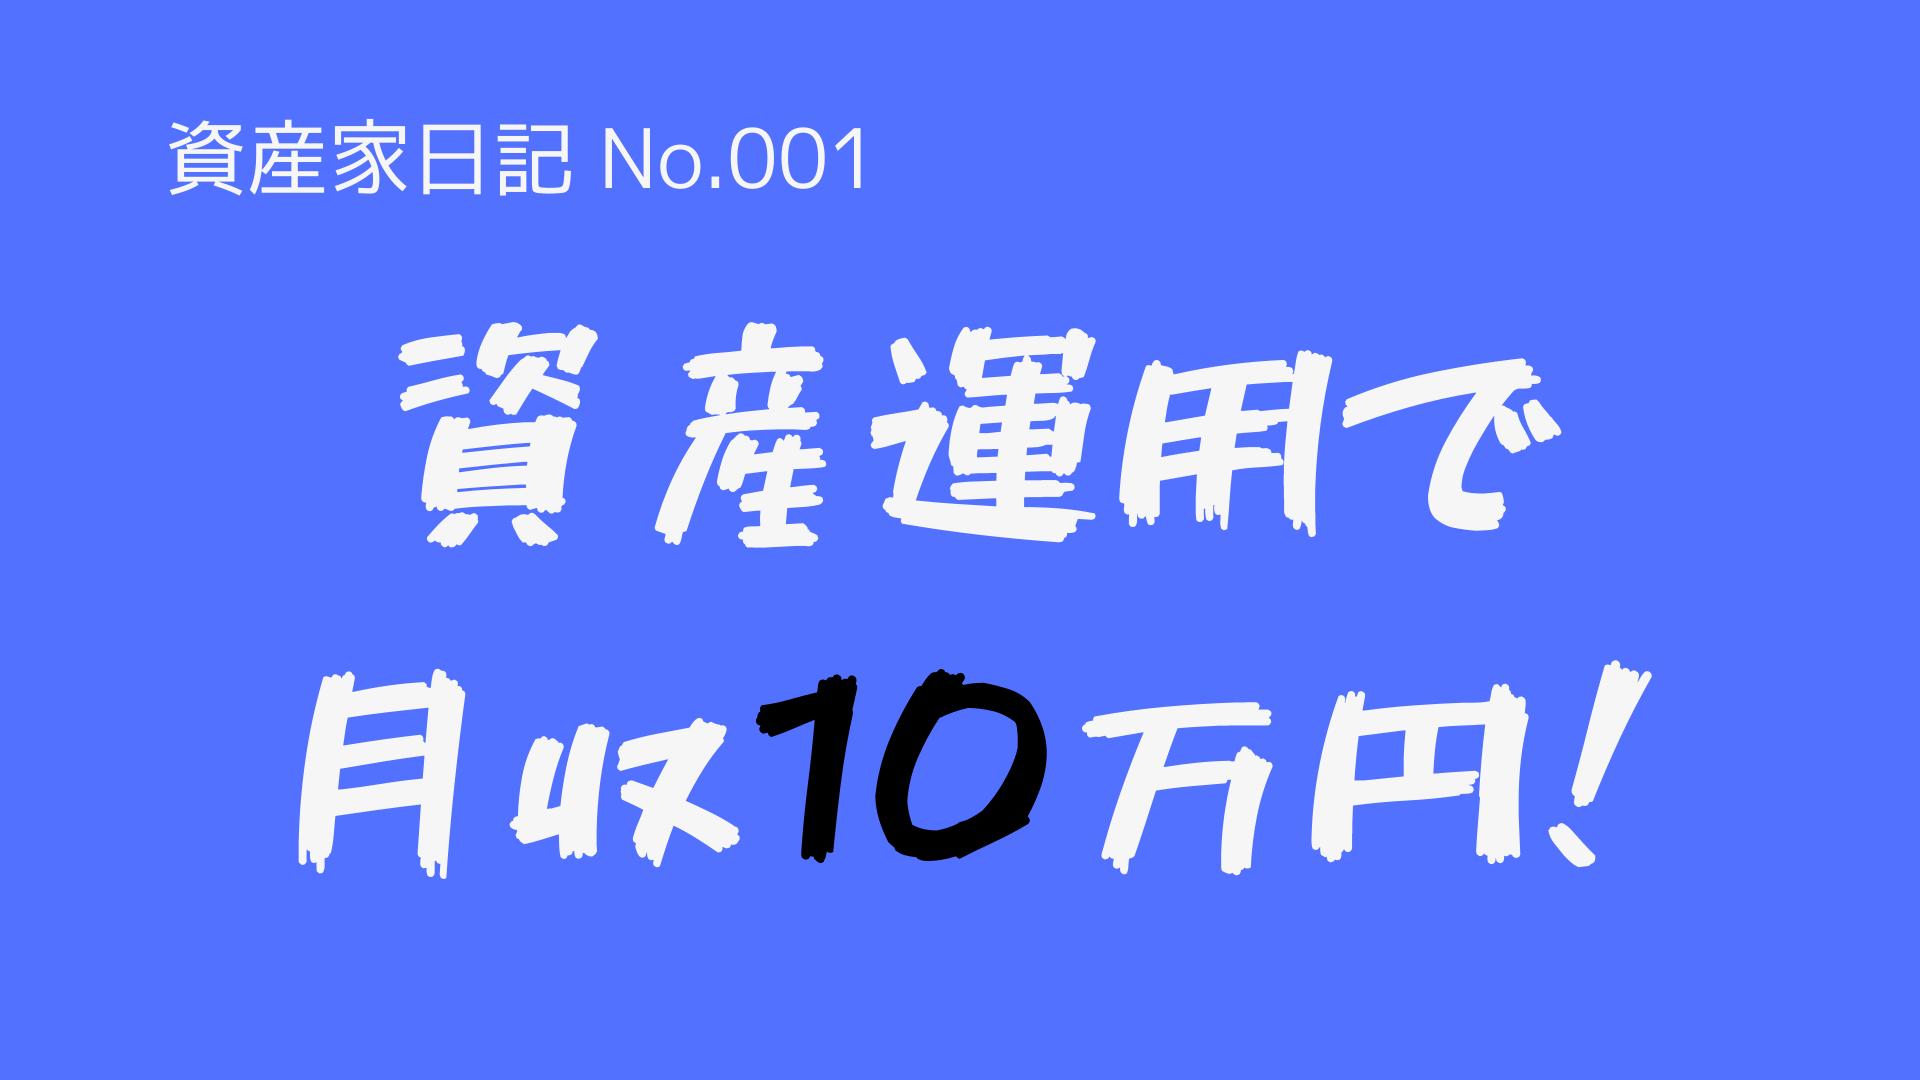 (資産家日記-No.001)資産家になるため、資産運用で『月収10万円』に挑戦します!